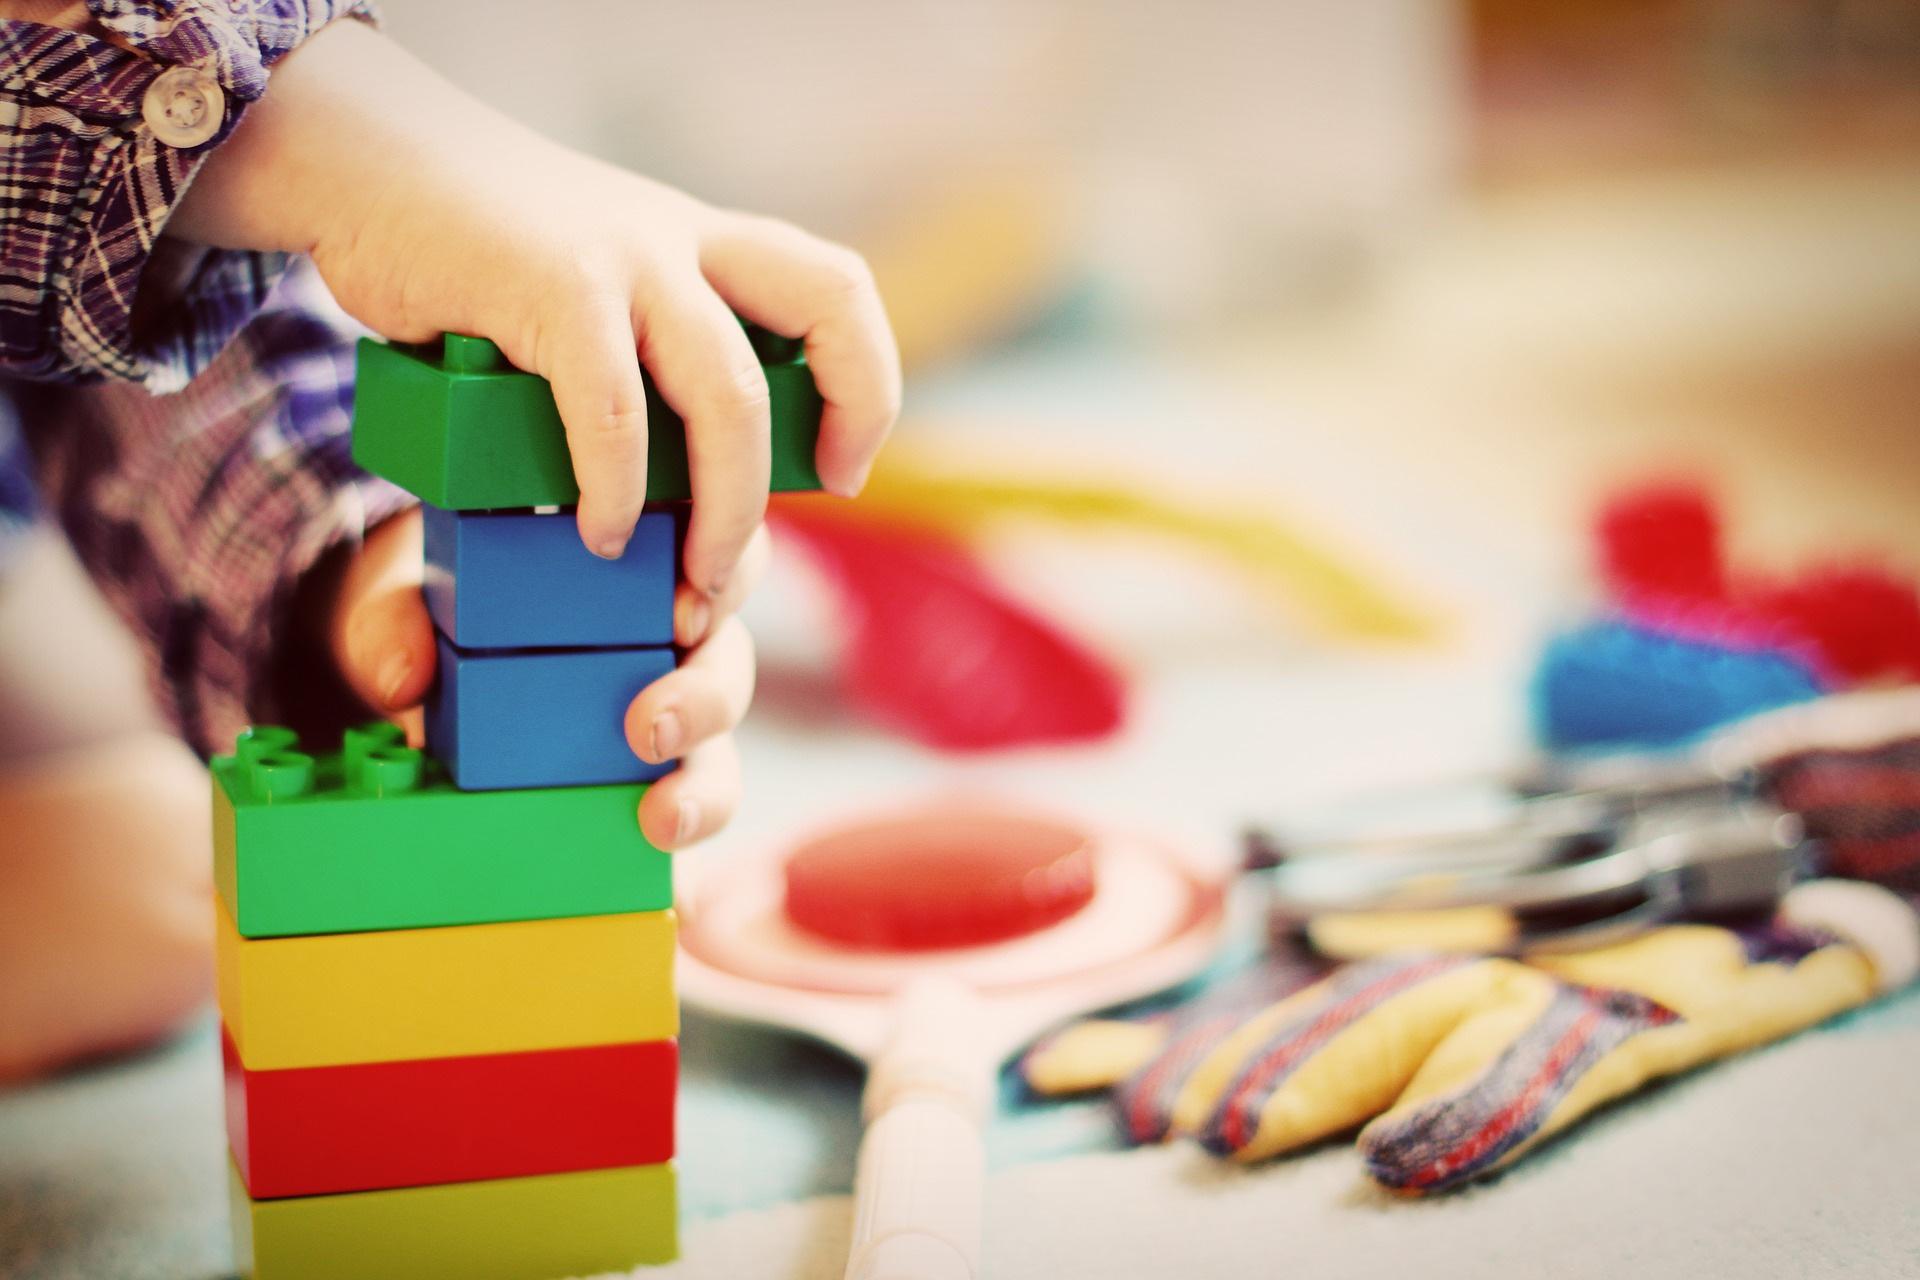 幼稚園の積木で遊ぶ子供